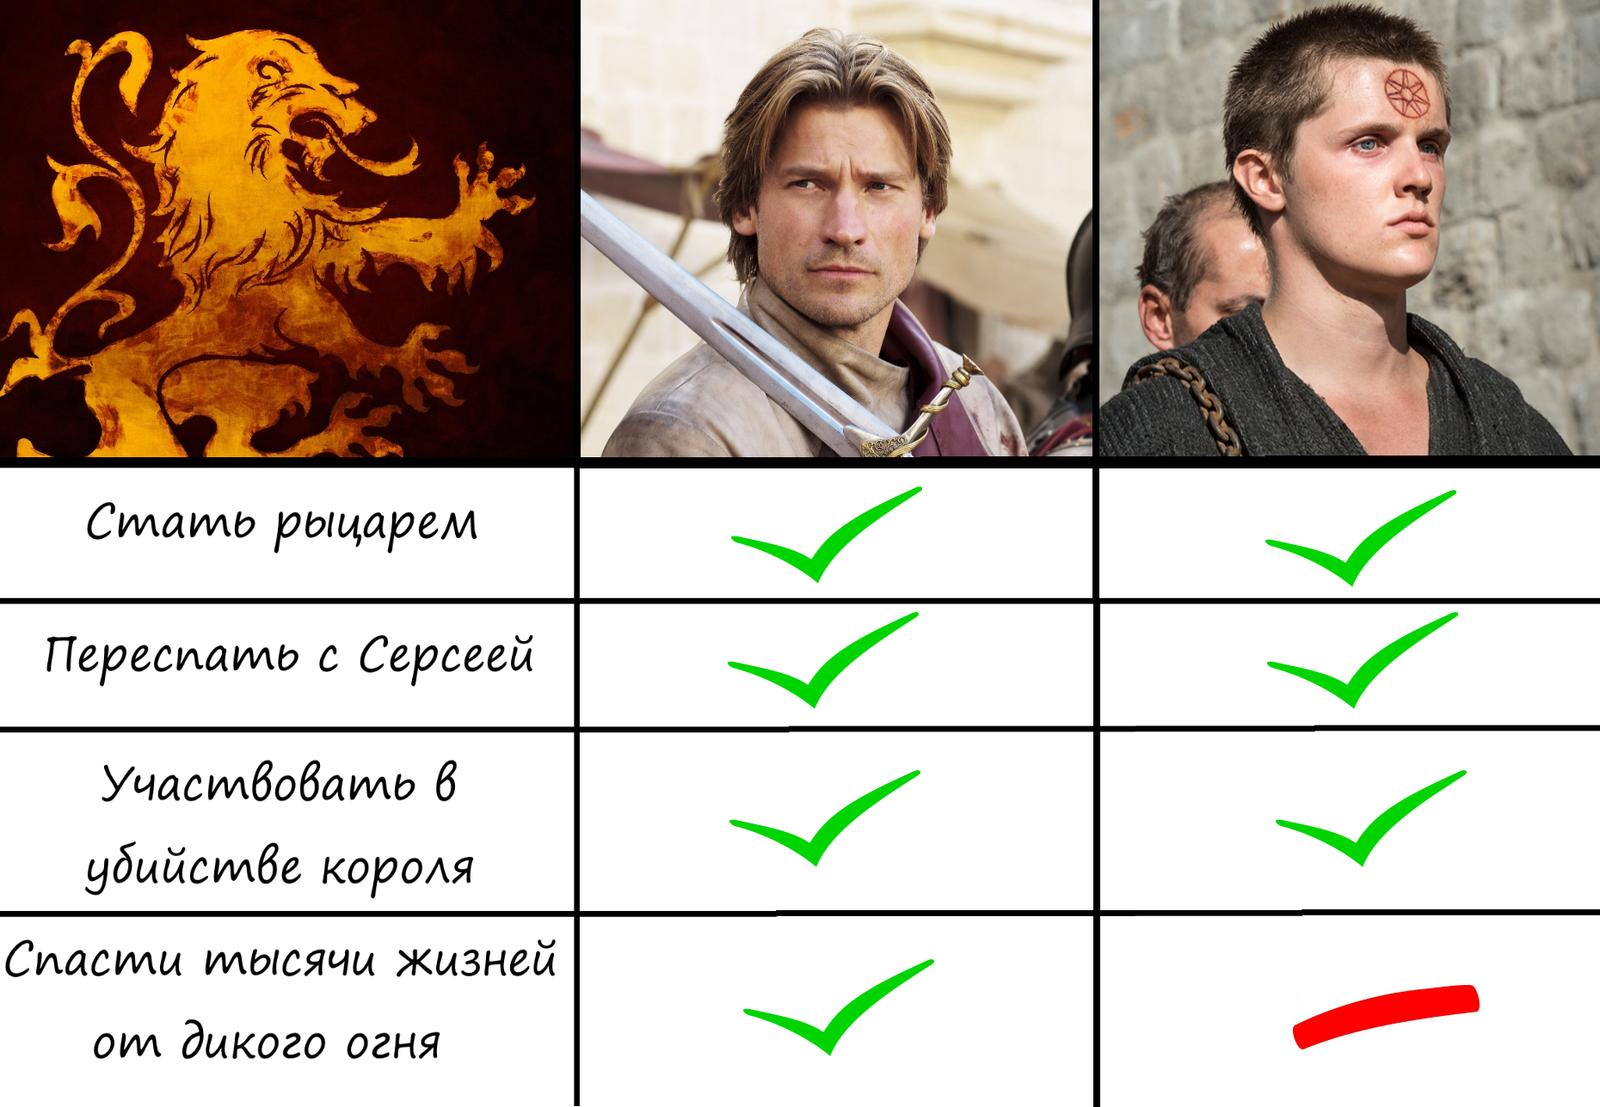 kak-stat-gryaznoy-shlyuhoy-mey-abrams-porno